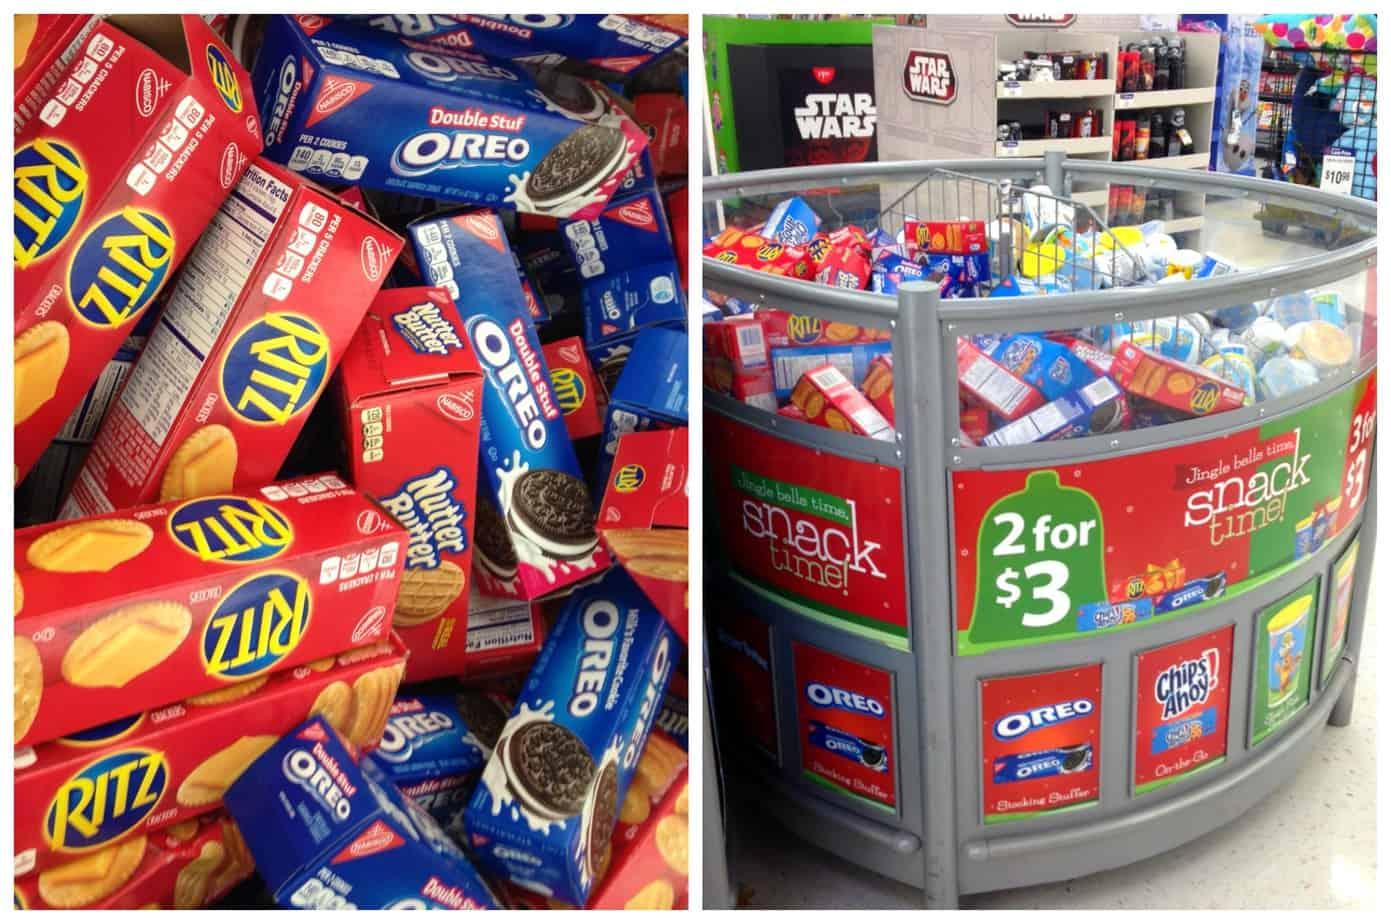 Cookie Snack Packs Walmart